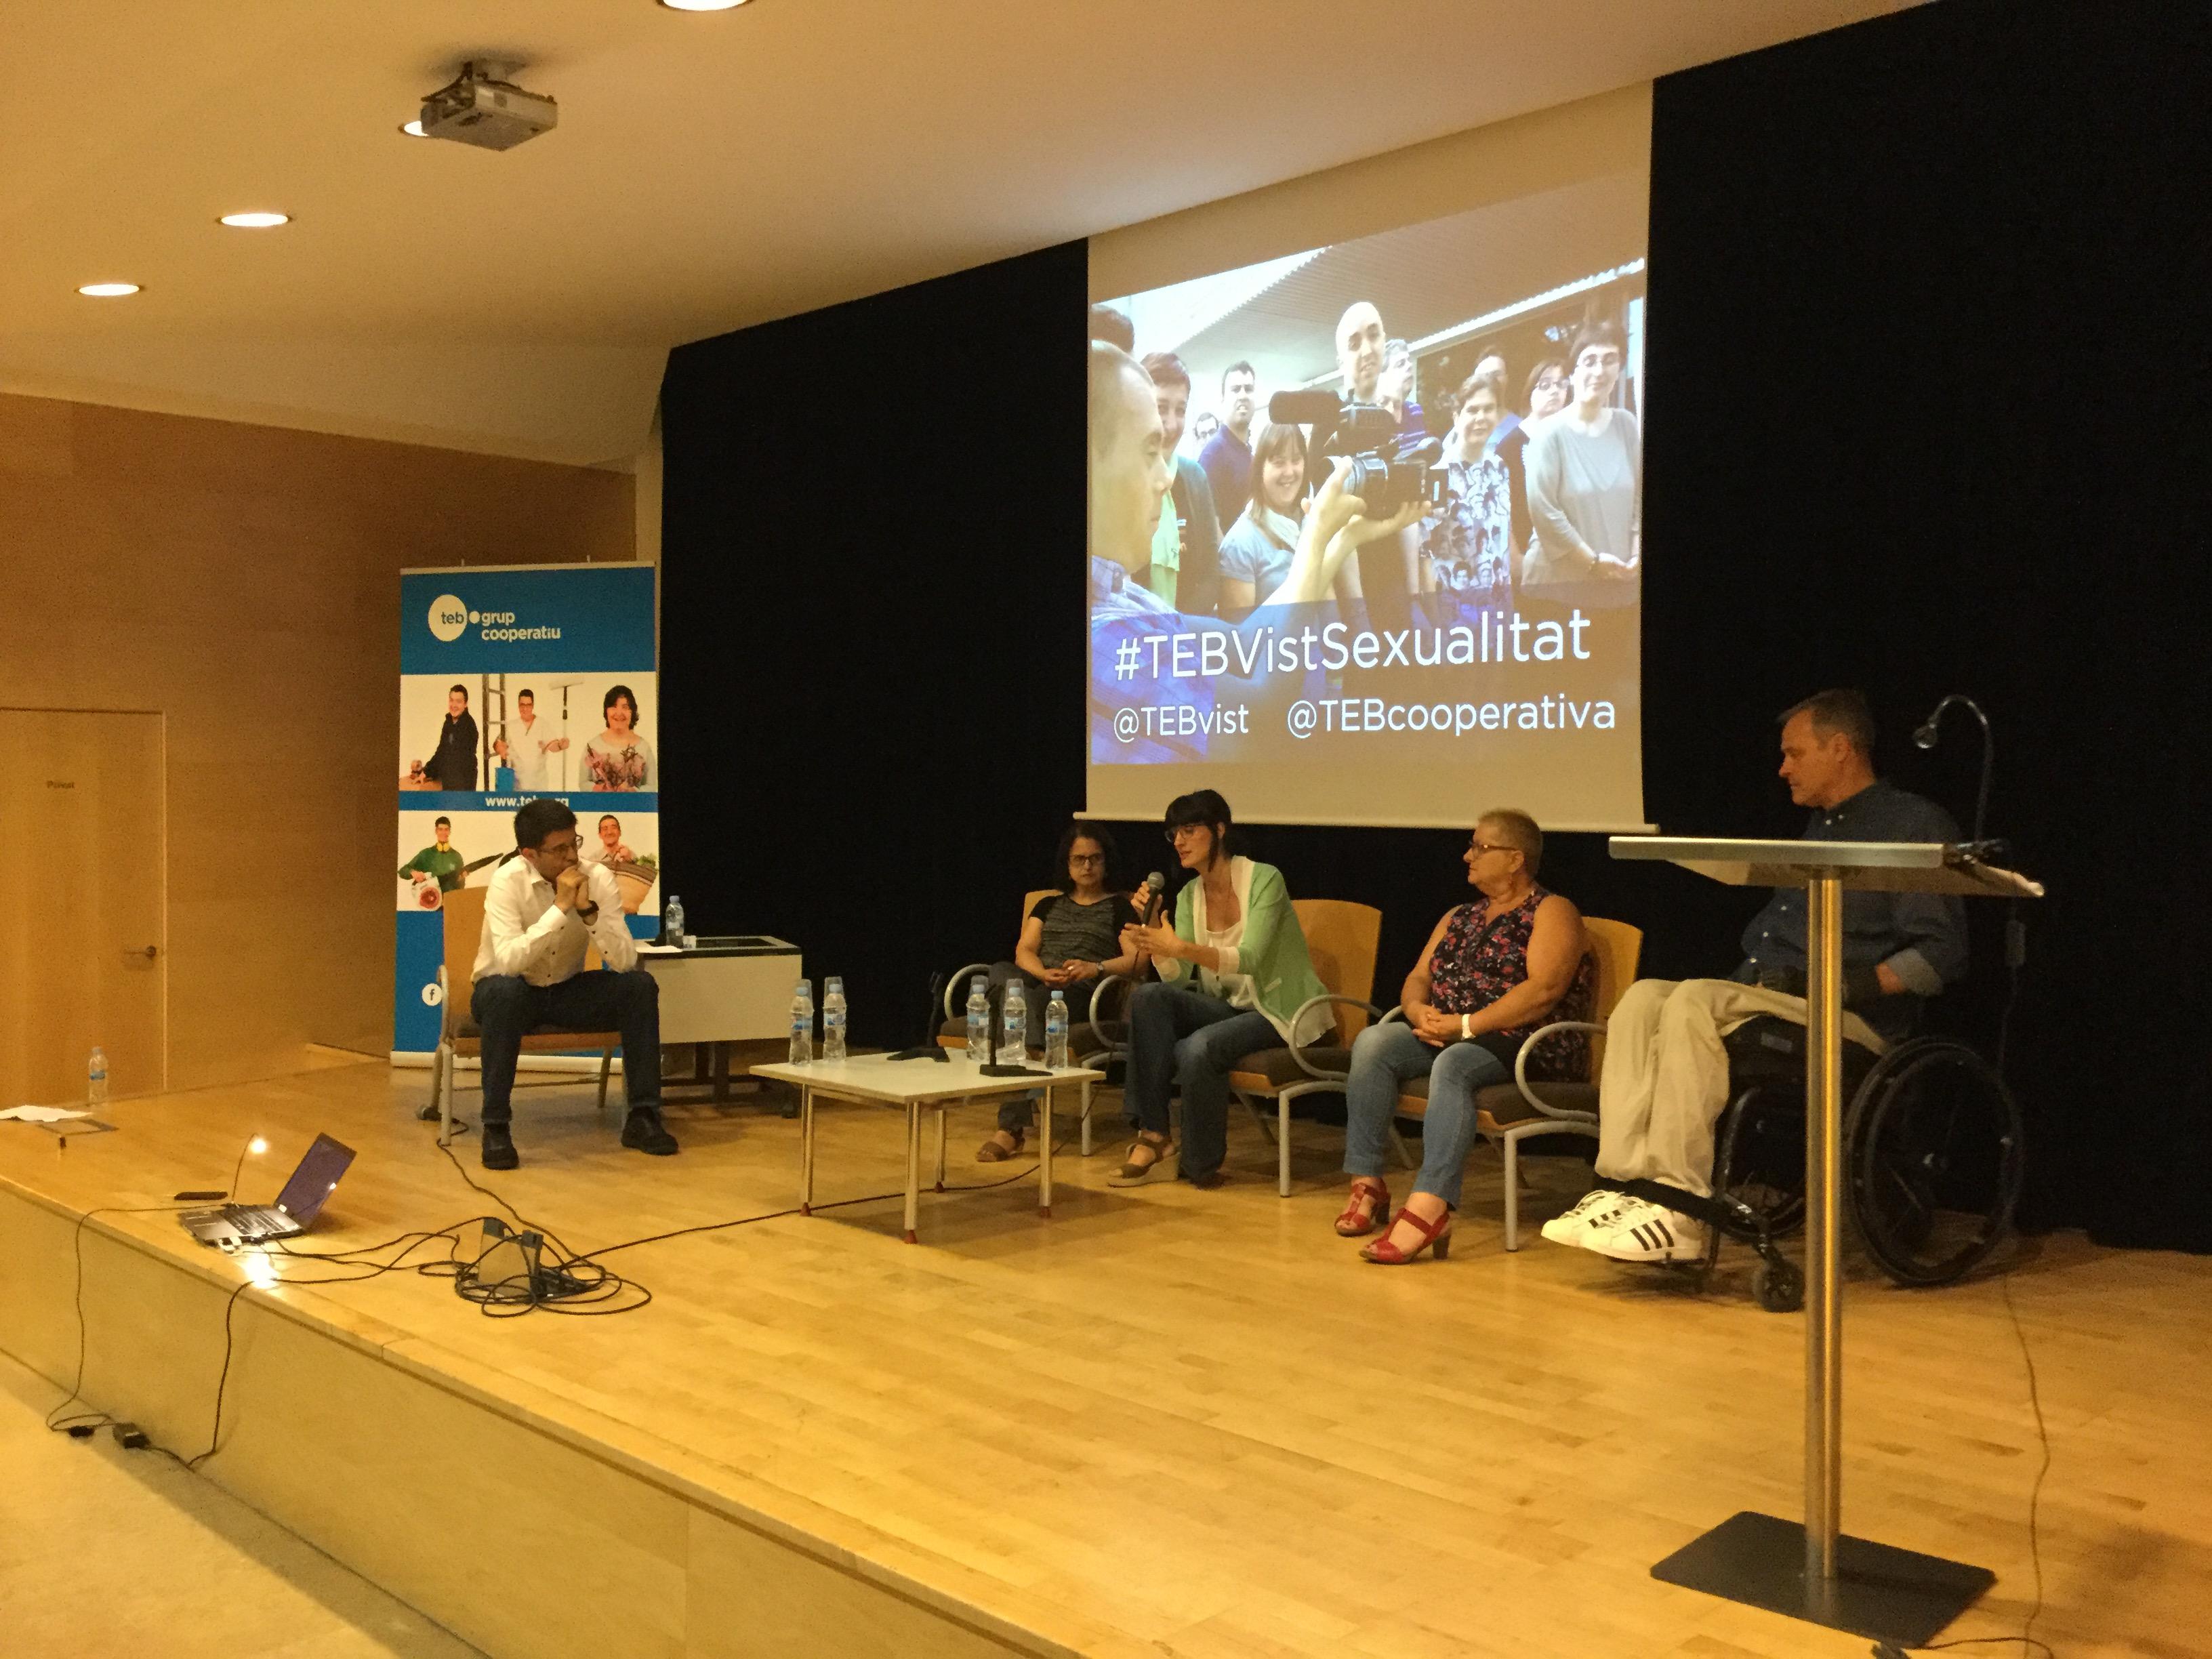 Imatge del Col·loqui. Es veuen asseguts Josep Maria Soro, presentador de TV3 i director de TEB Vist, i els testimonis: Teresa Pujol, Mari Carmen Sánchez, Gemma Deulofeu i Francesc Granja.